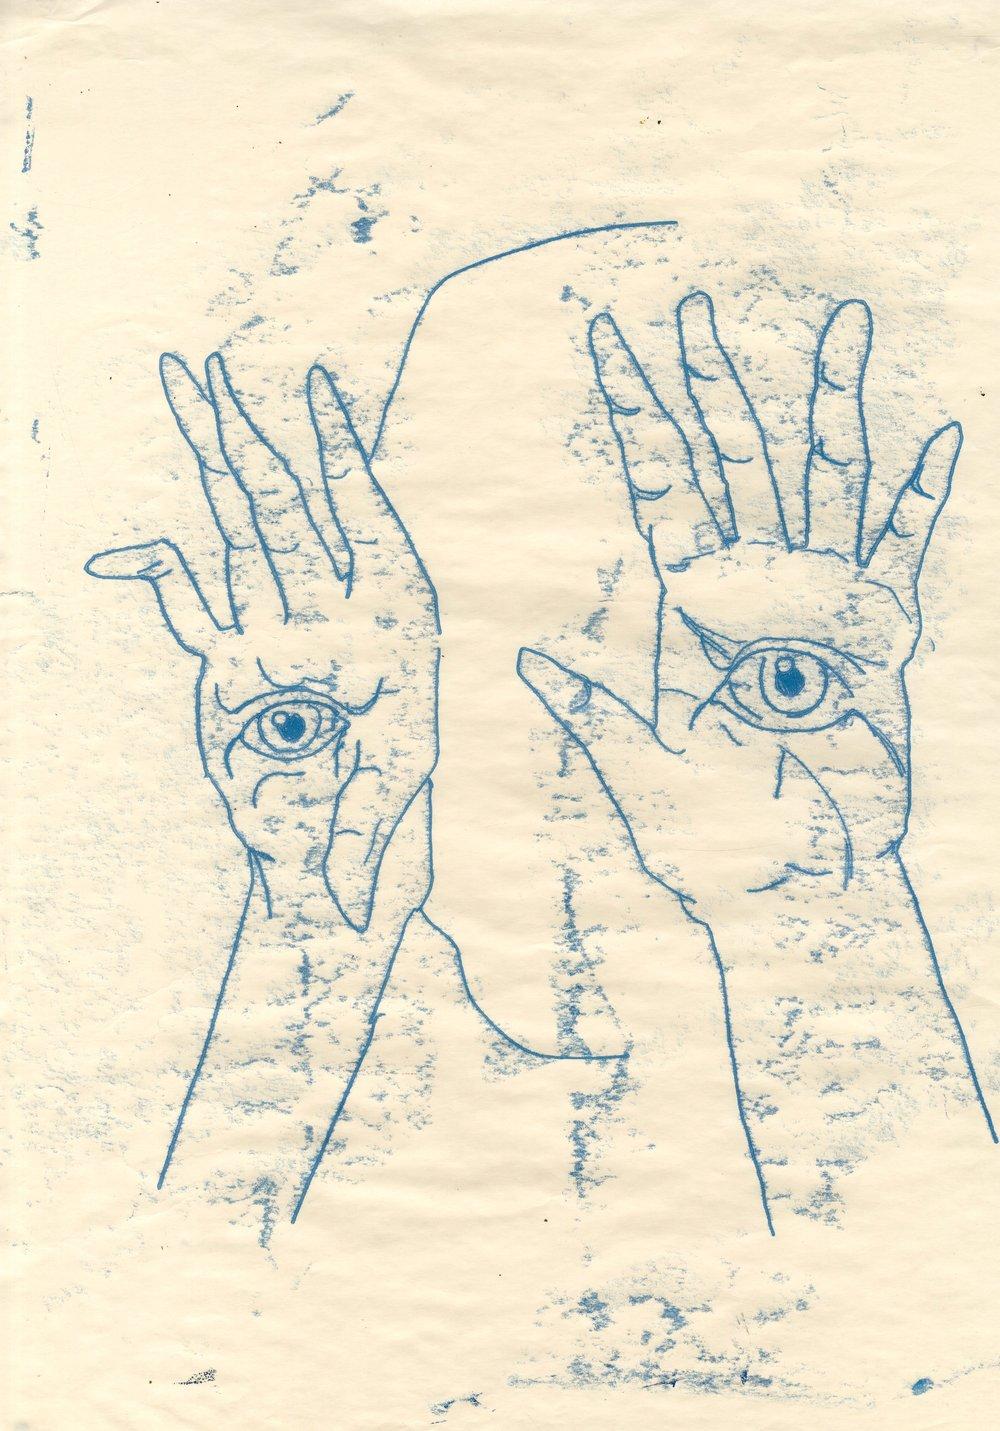 seer eyes